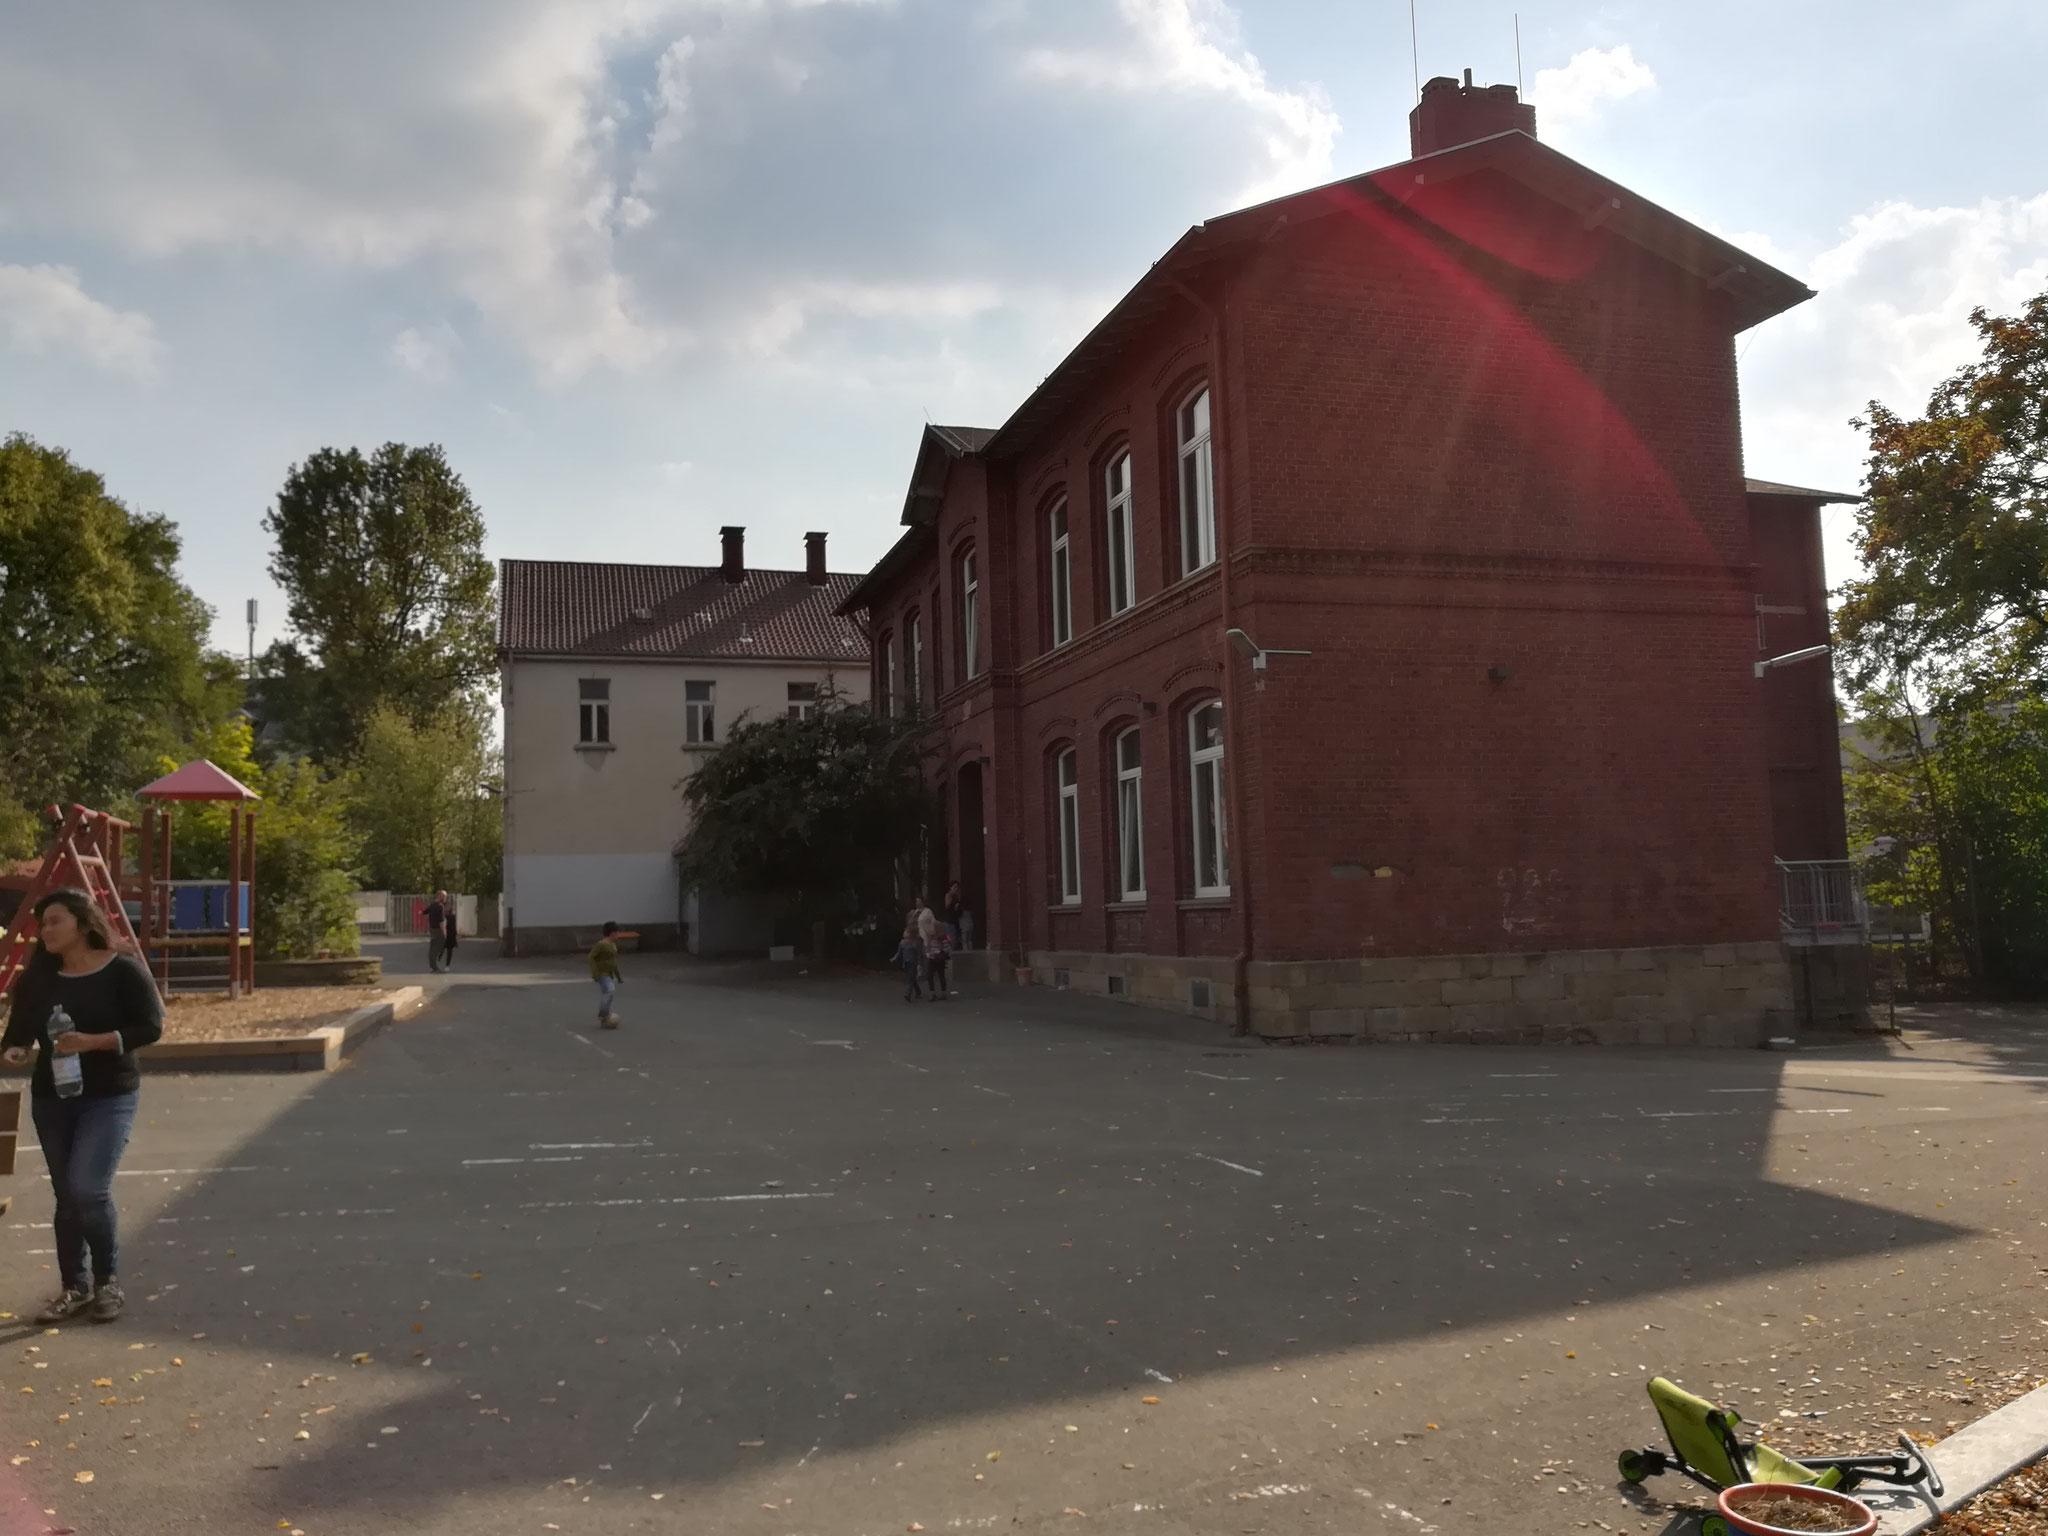 Seitenansicht des Gebäudes